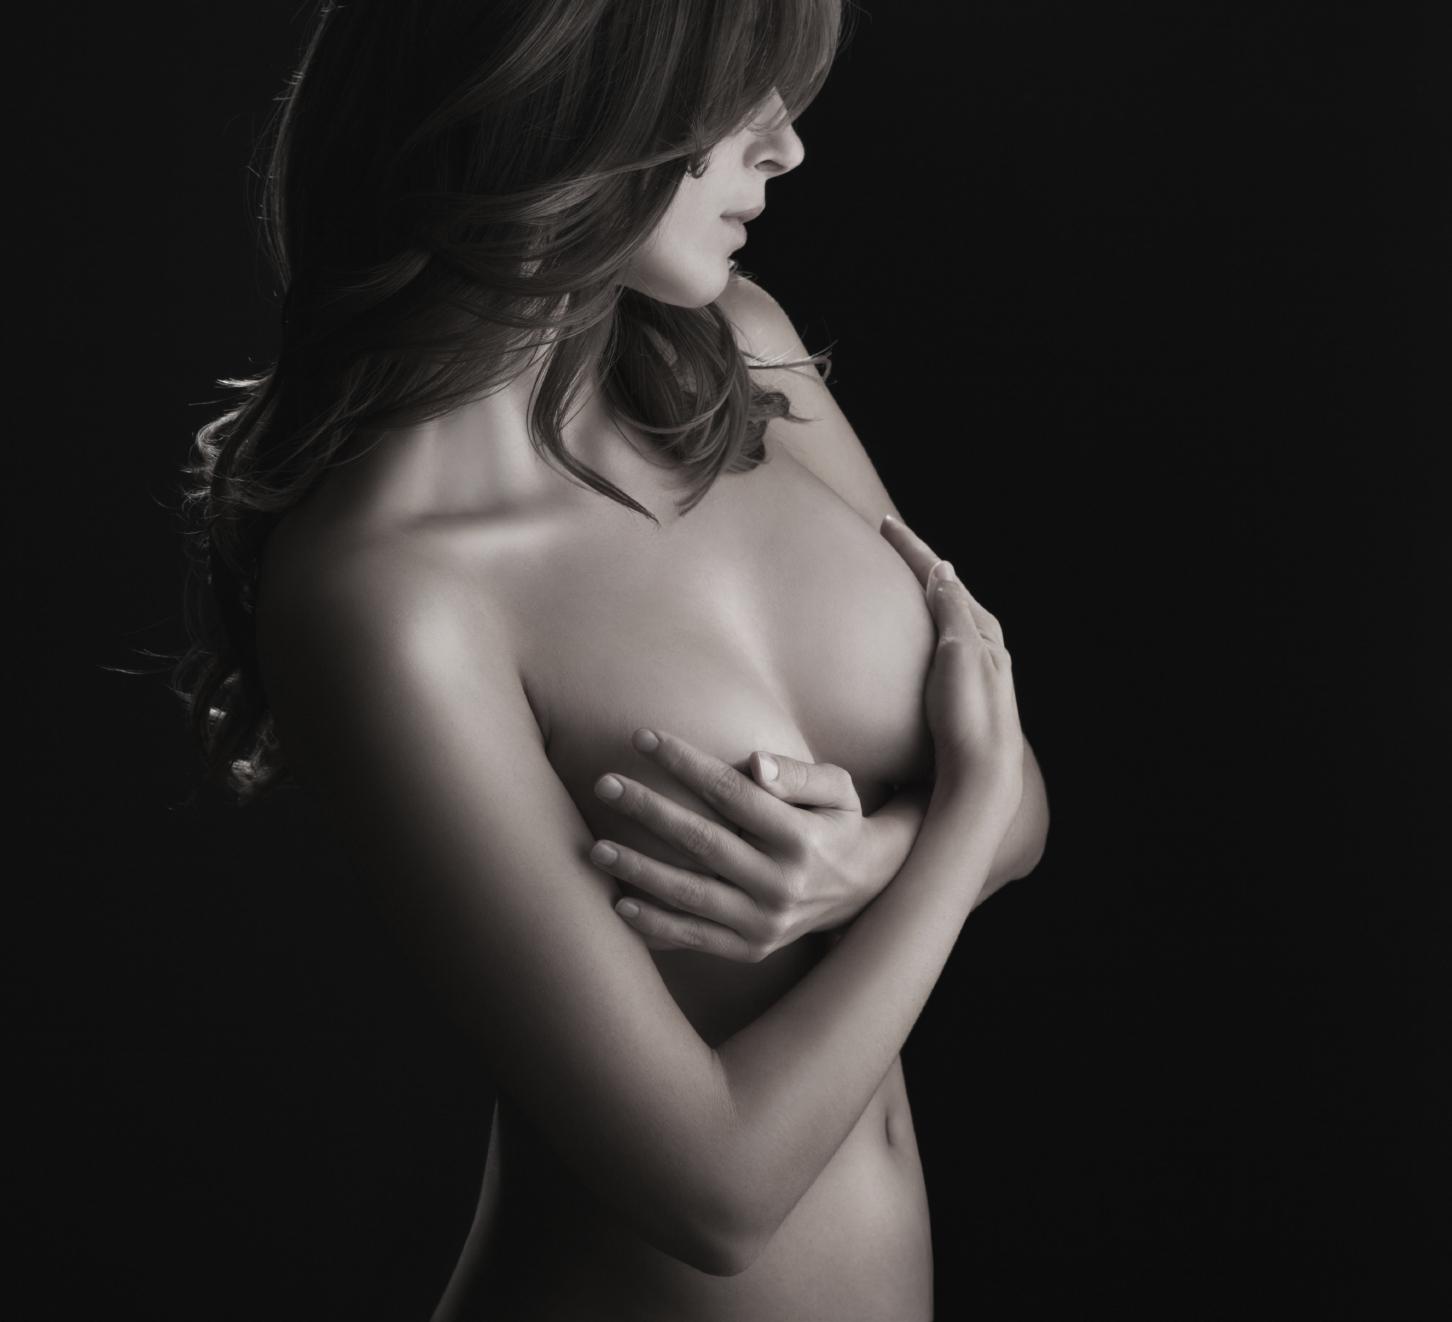 Soluciones para pechos caídos y otros problemas en las mamas